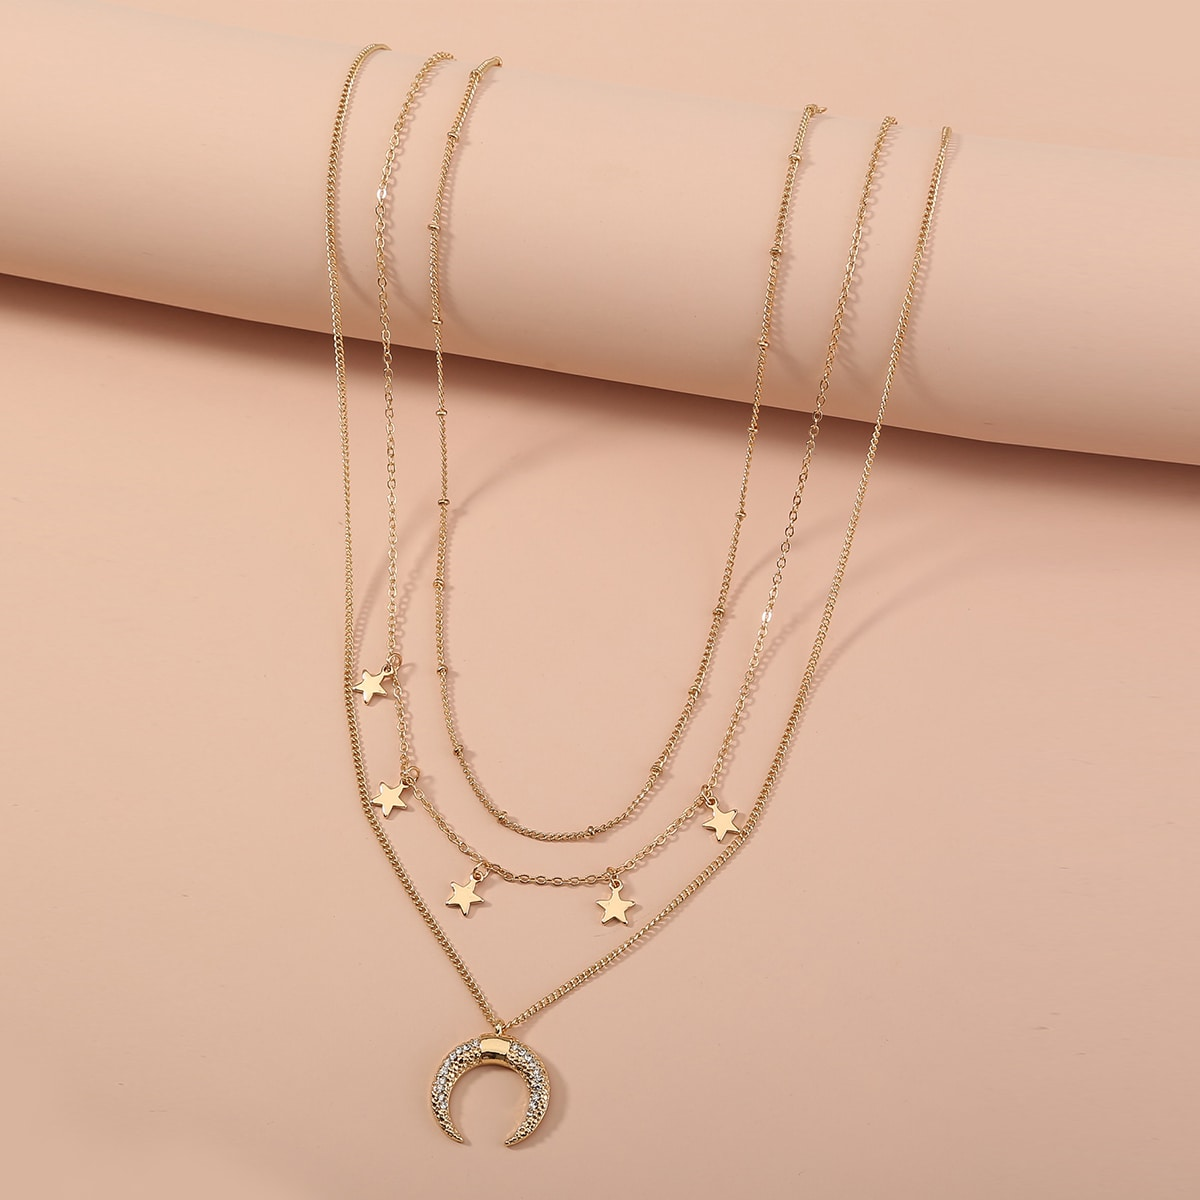 SHEIN / 3 Stücke Halskette mit Mond & Stern Anhänger